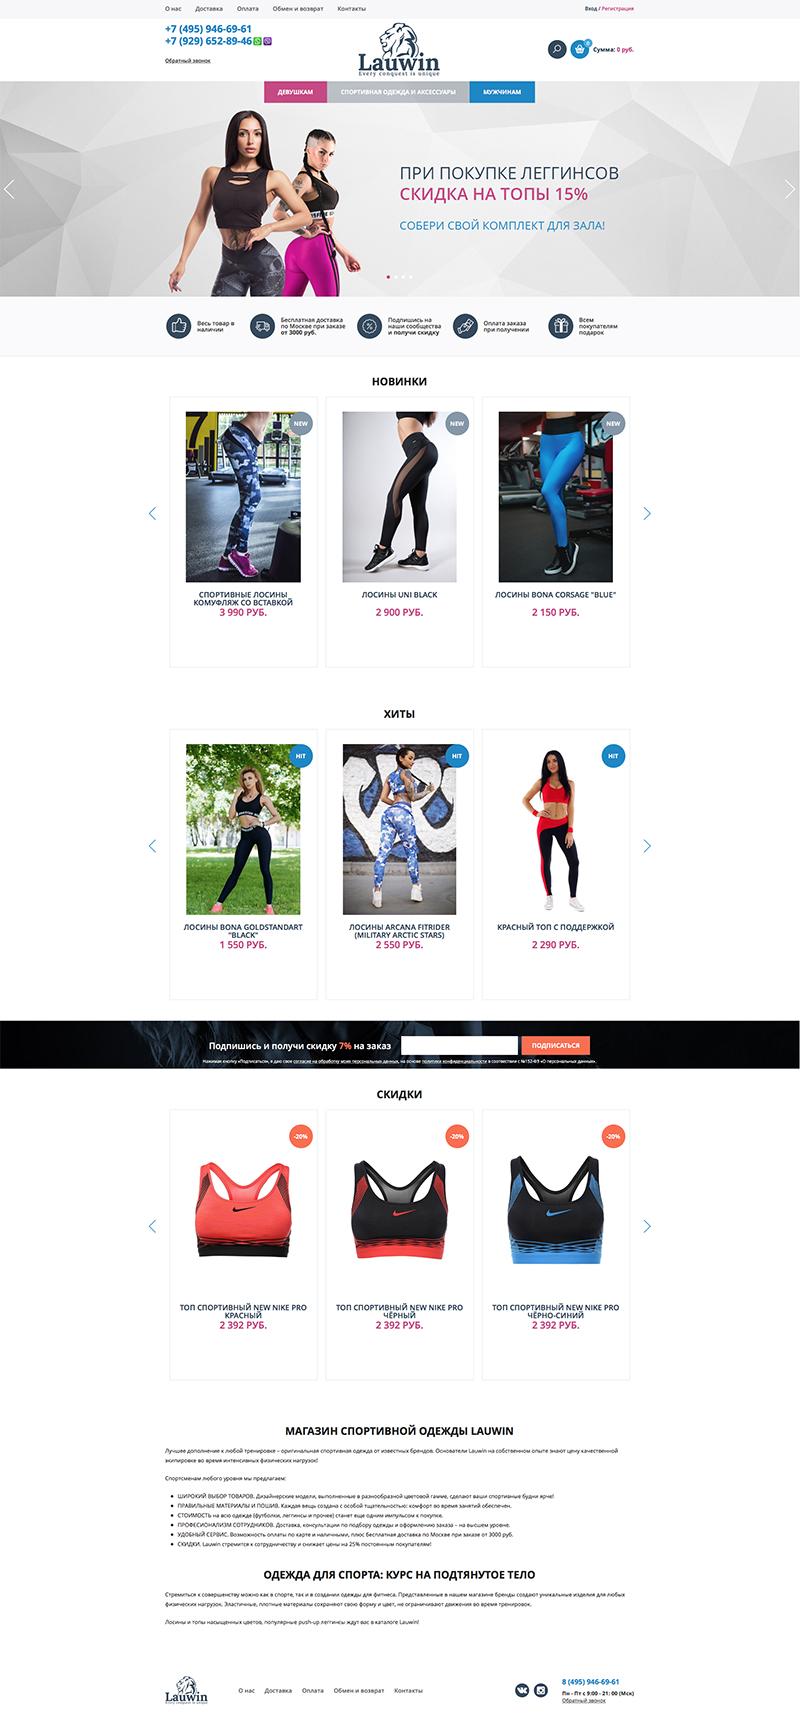 f25fa0ca398e Интернет-магазин спортивной одежды LauWin - Фрилансер Первый ИТ ...